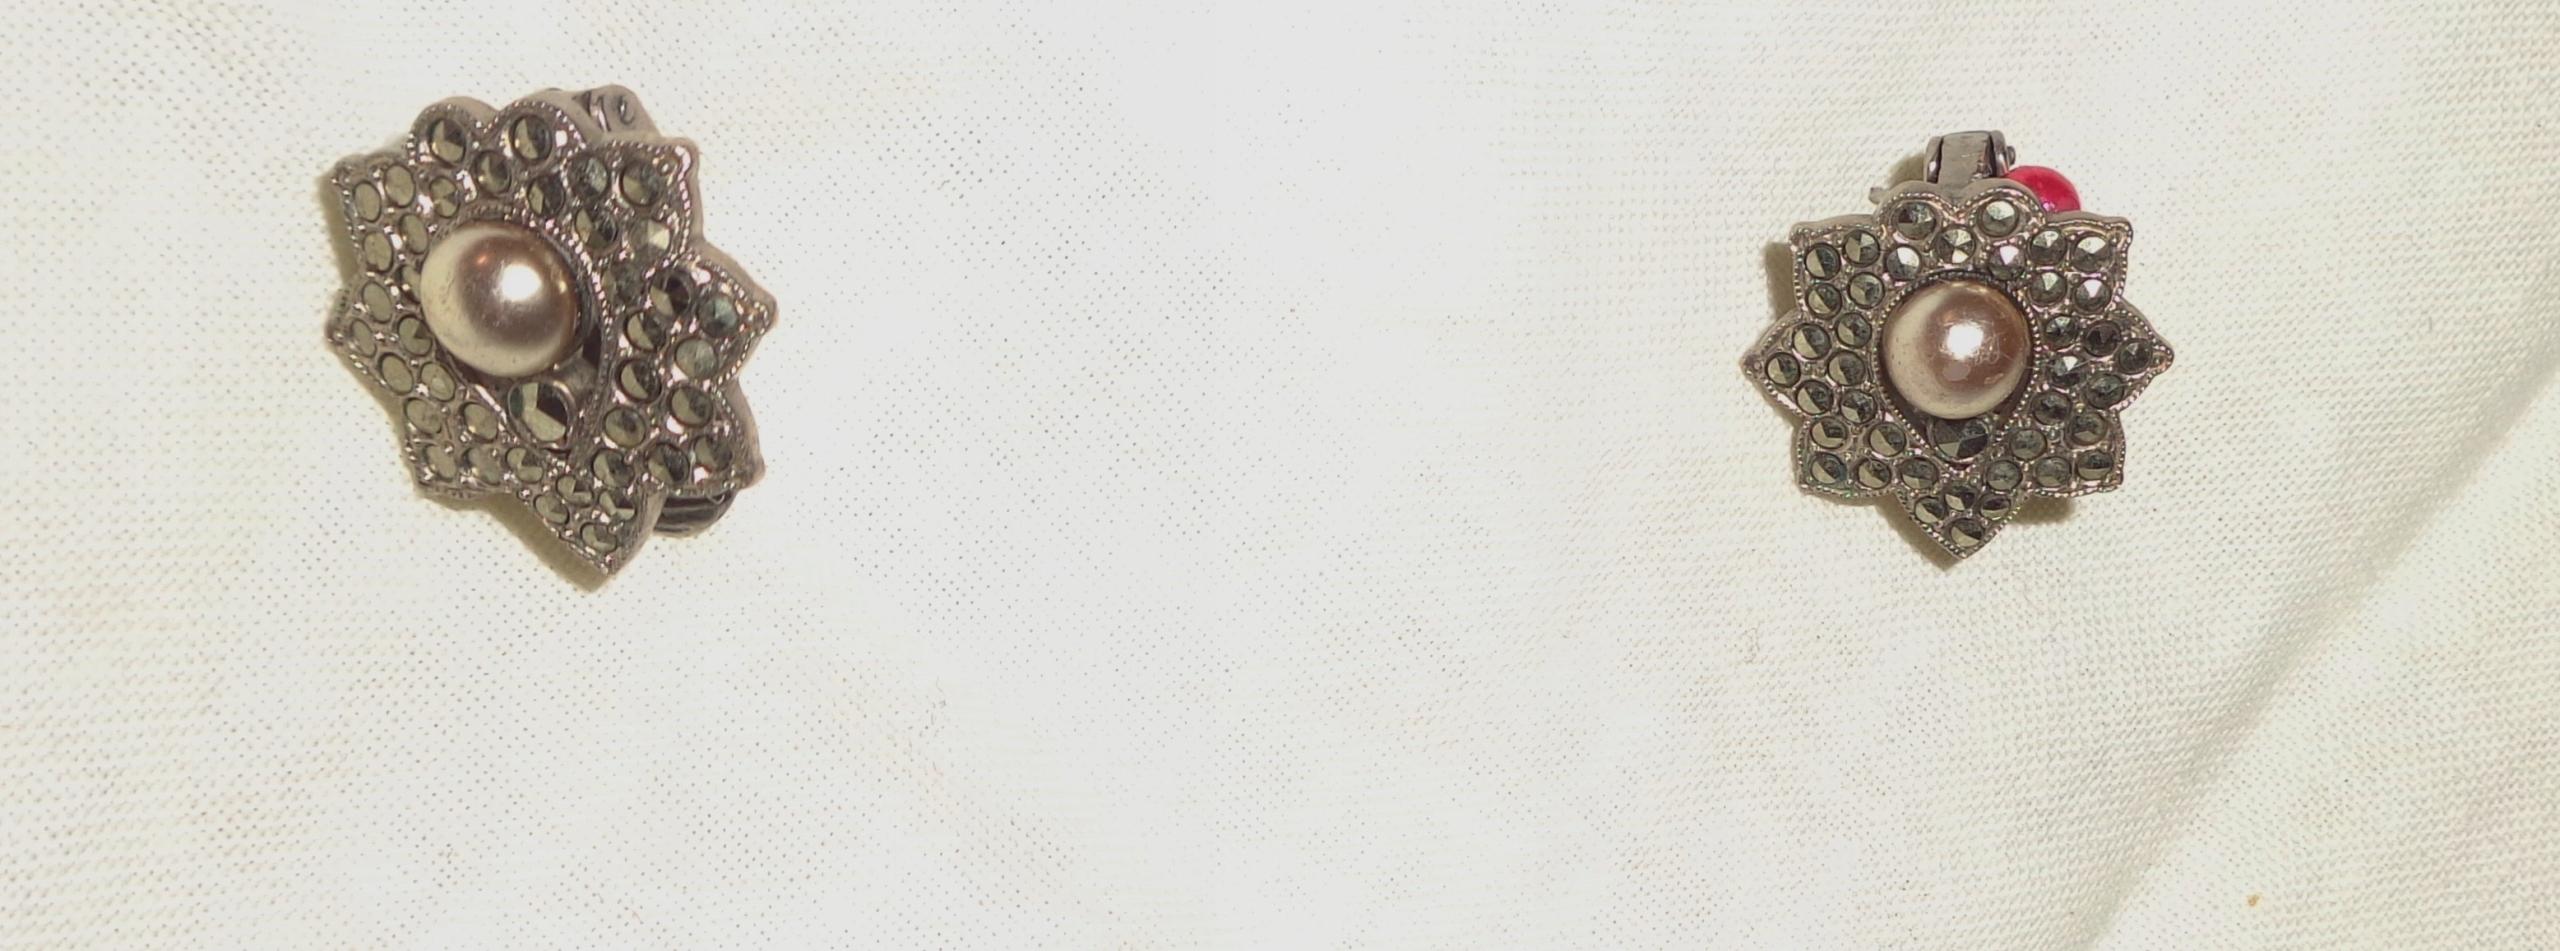 Pękne stare klipsy-świecąca rozeta z perłą